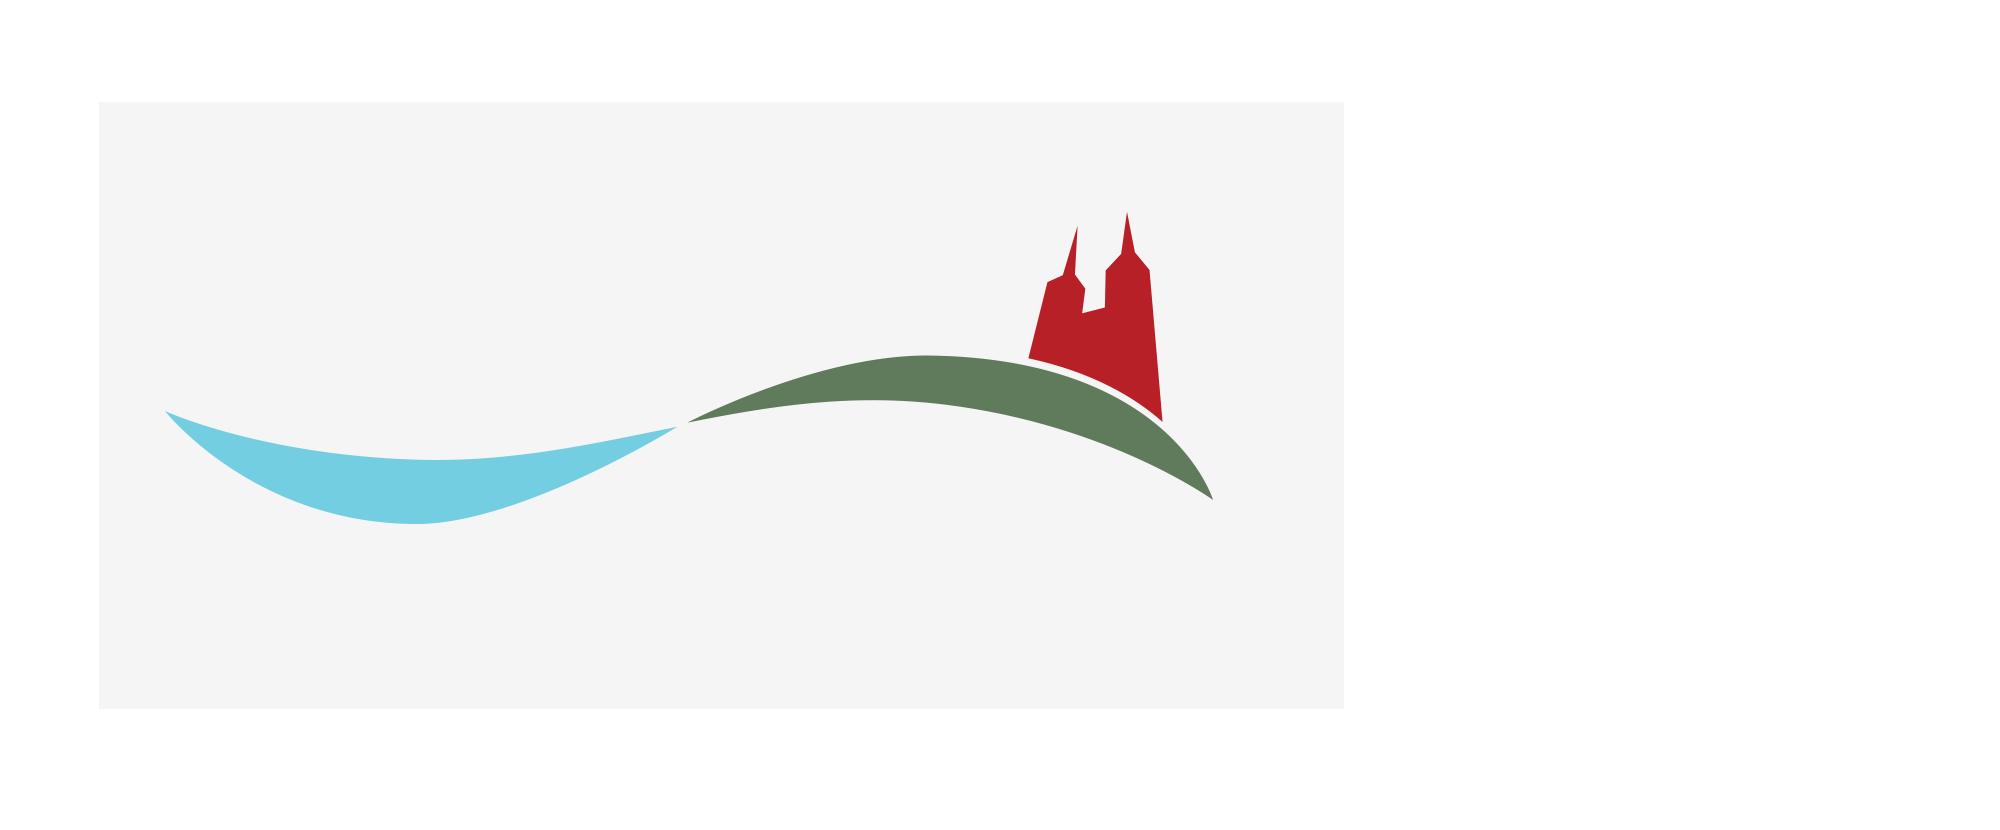 Logo for Kommuneplan i Roskilde Kommune